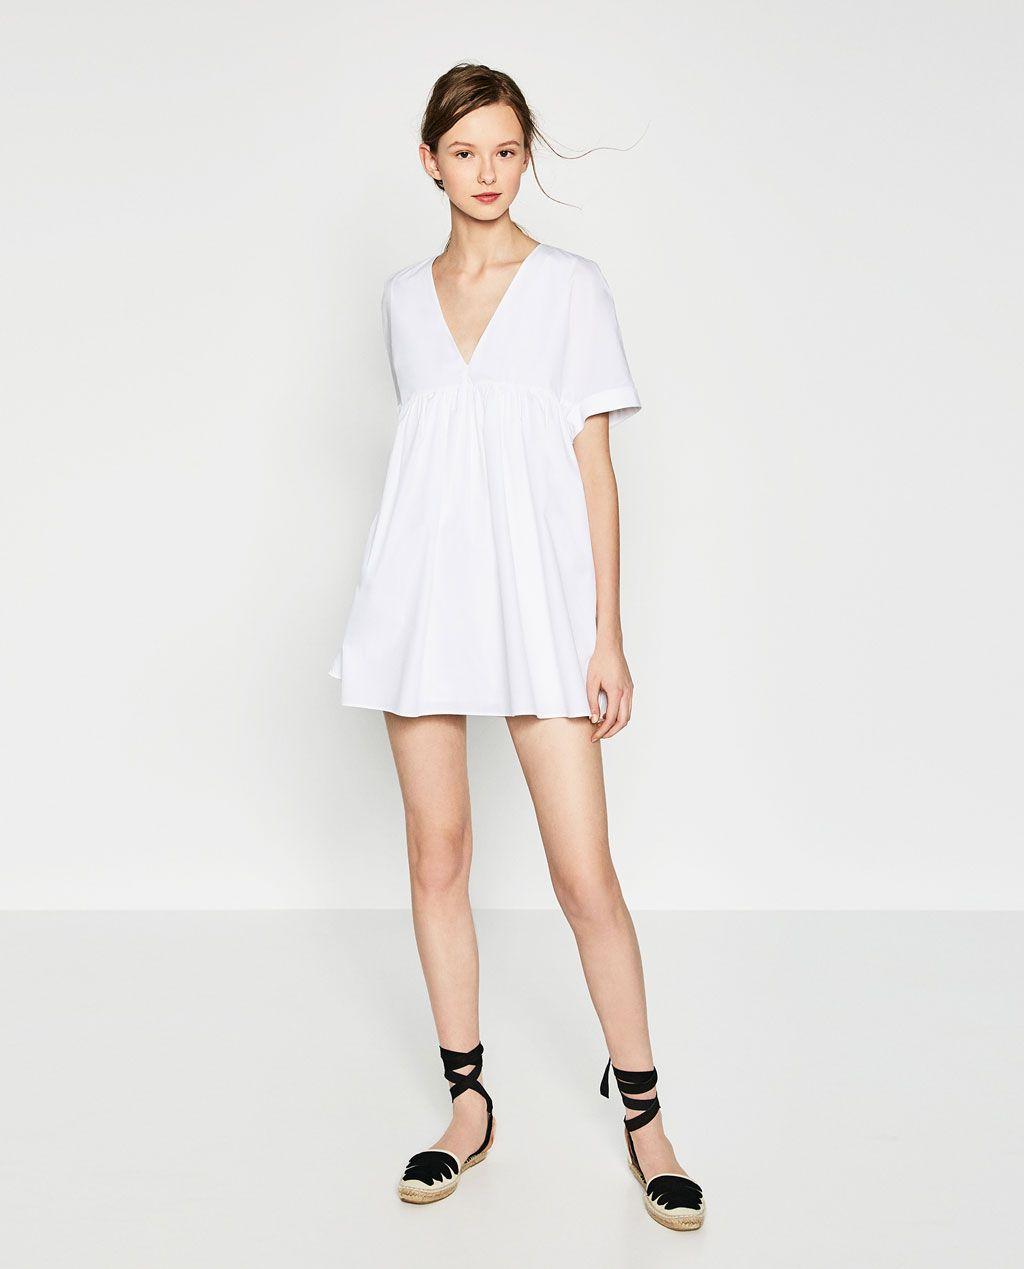 Access Denied Zara Dresses Gowns Dresses Jumpsuit Dress